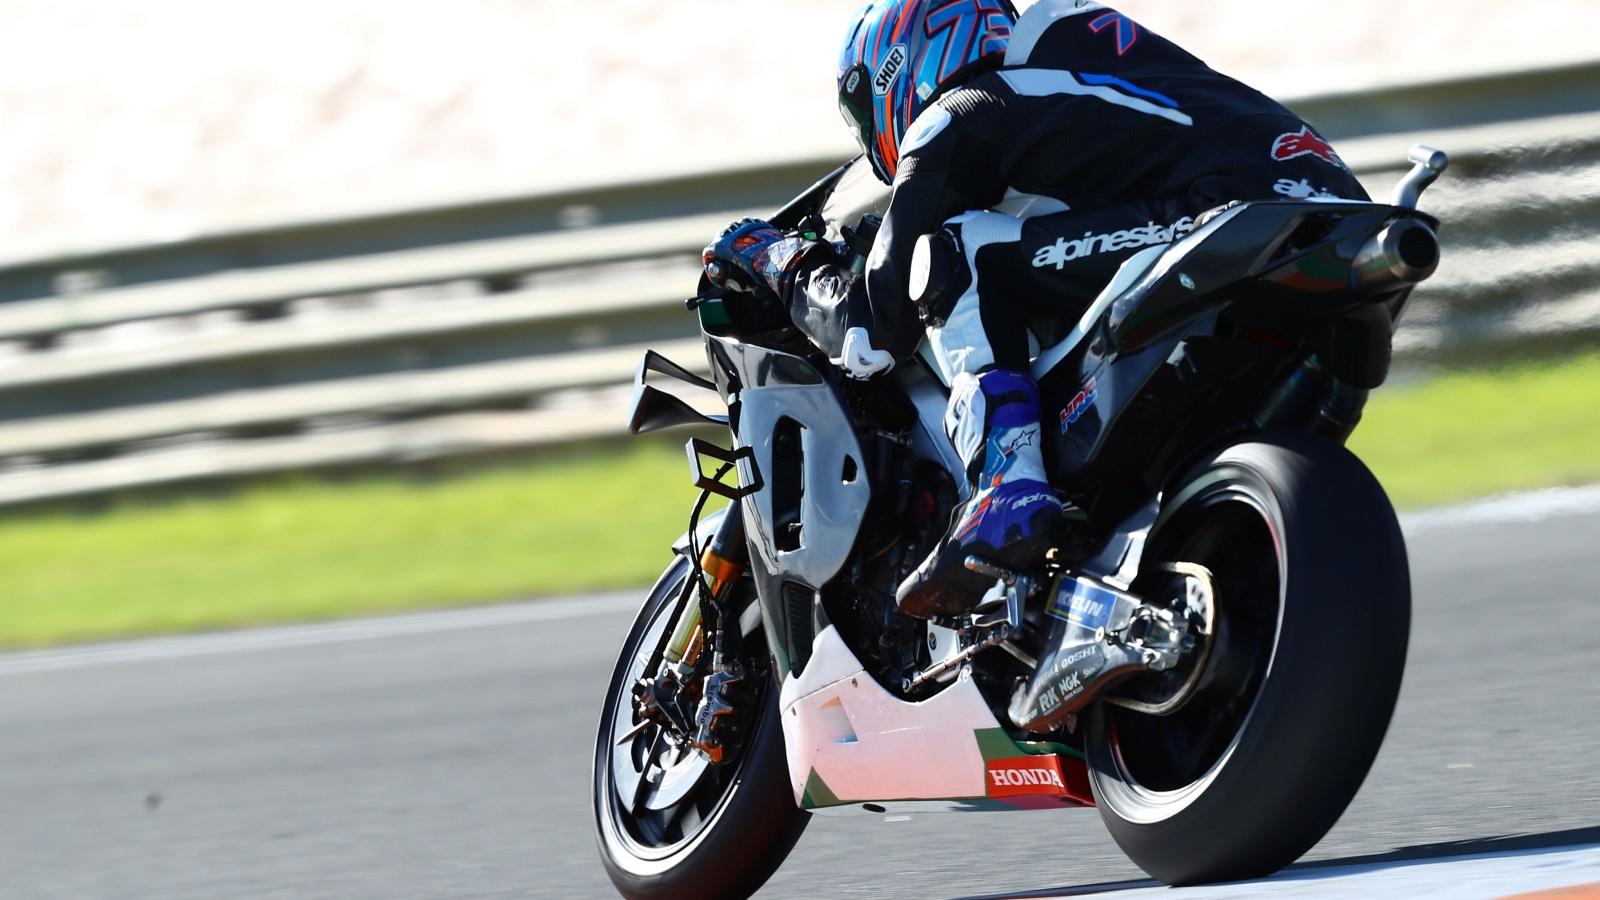 Álex Márquez Honda RC213V test Valencia MotoGP 2020